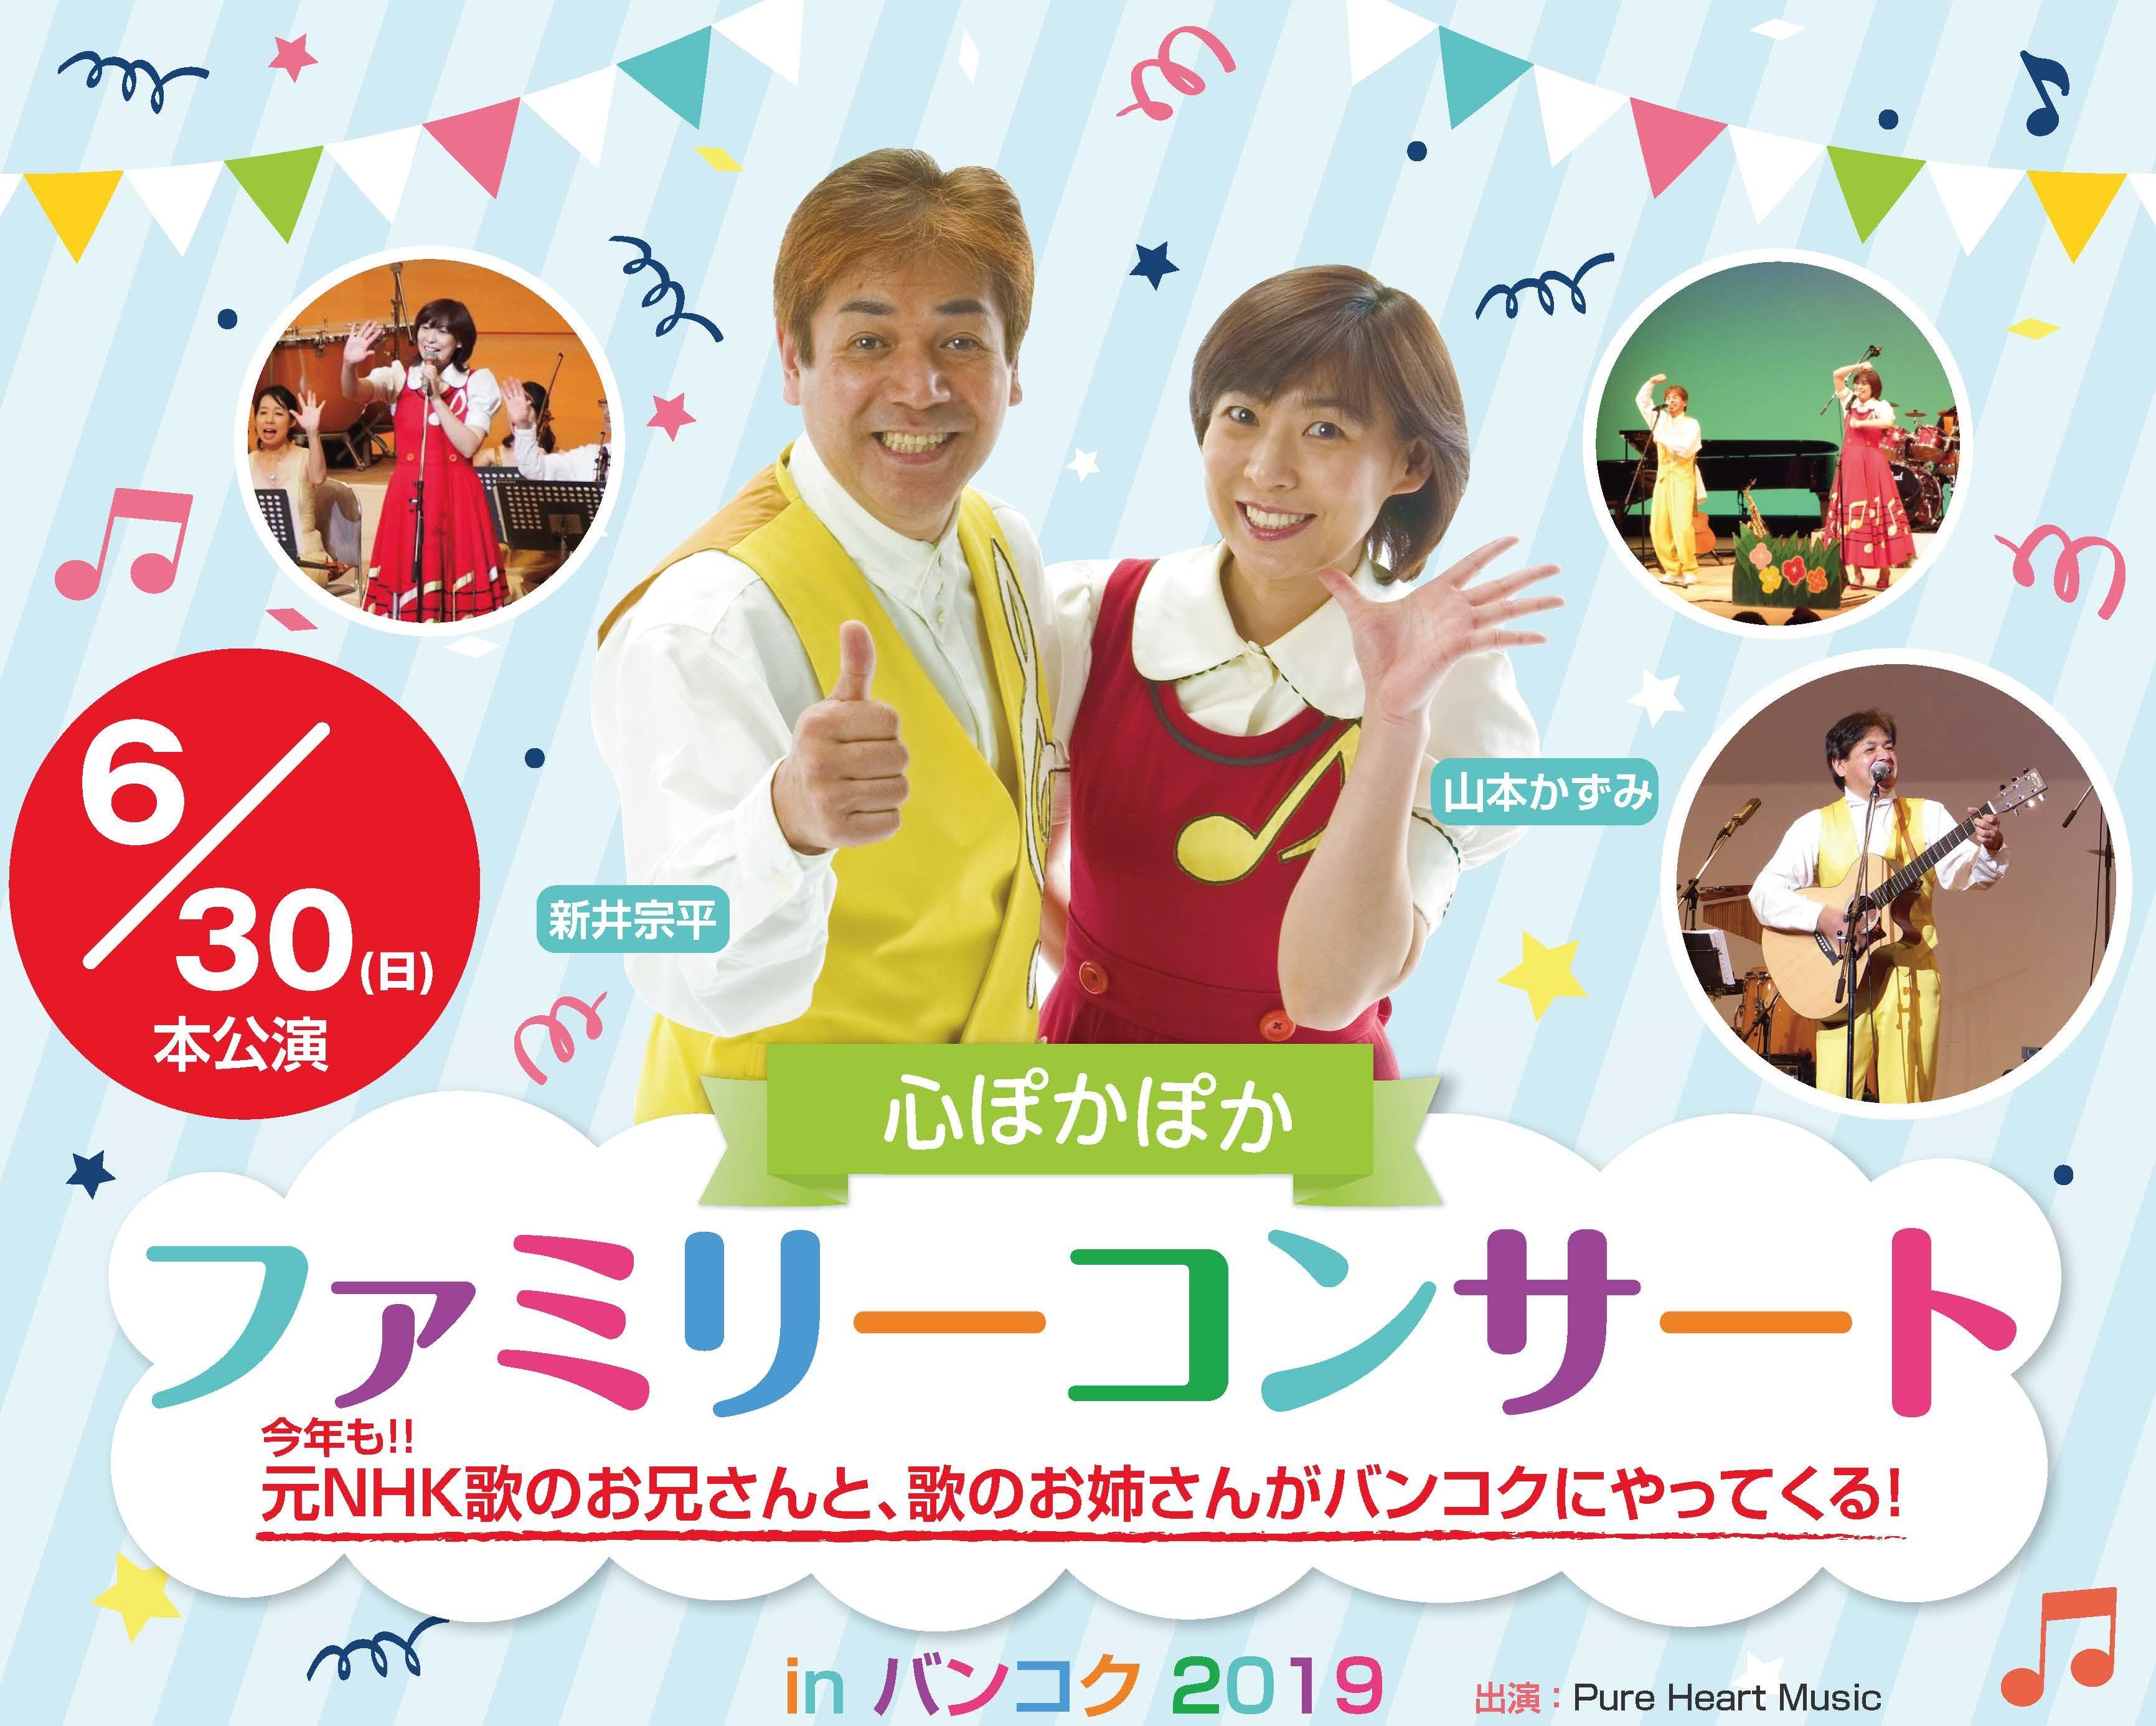 今年もやって来る!2019年6月30日(日)本公演【心ぽかぽか】イオン・ファミリーコンサート in バンコク2019 (出演:Pure Heart Music)